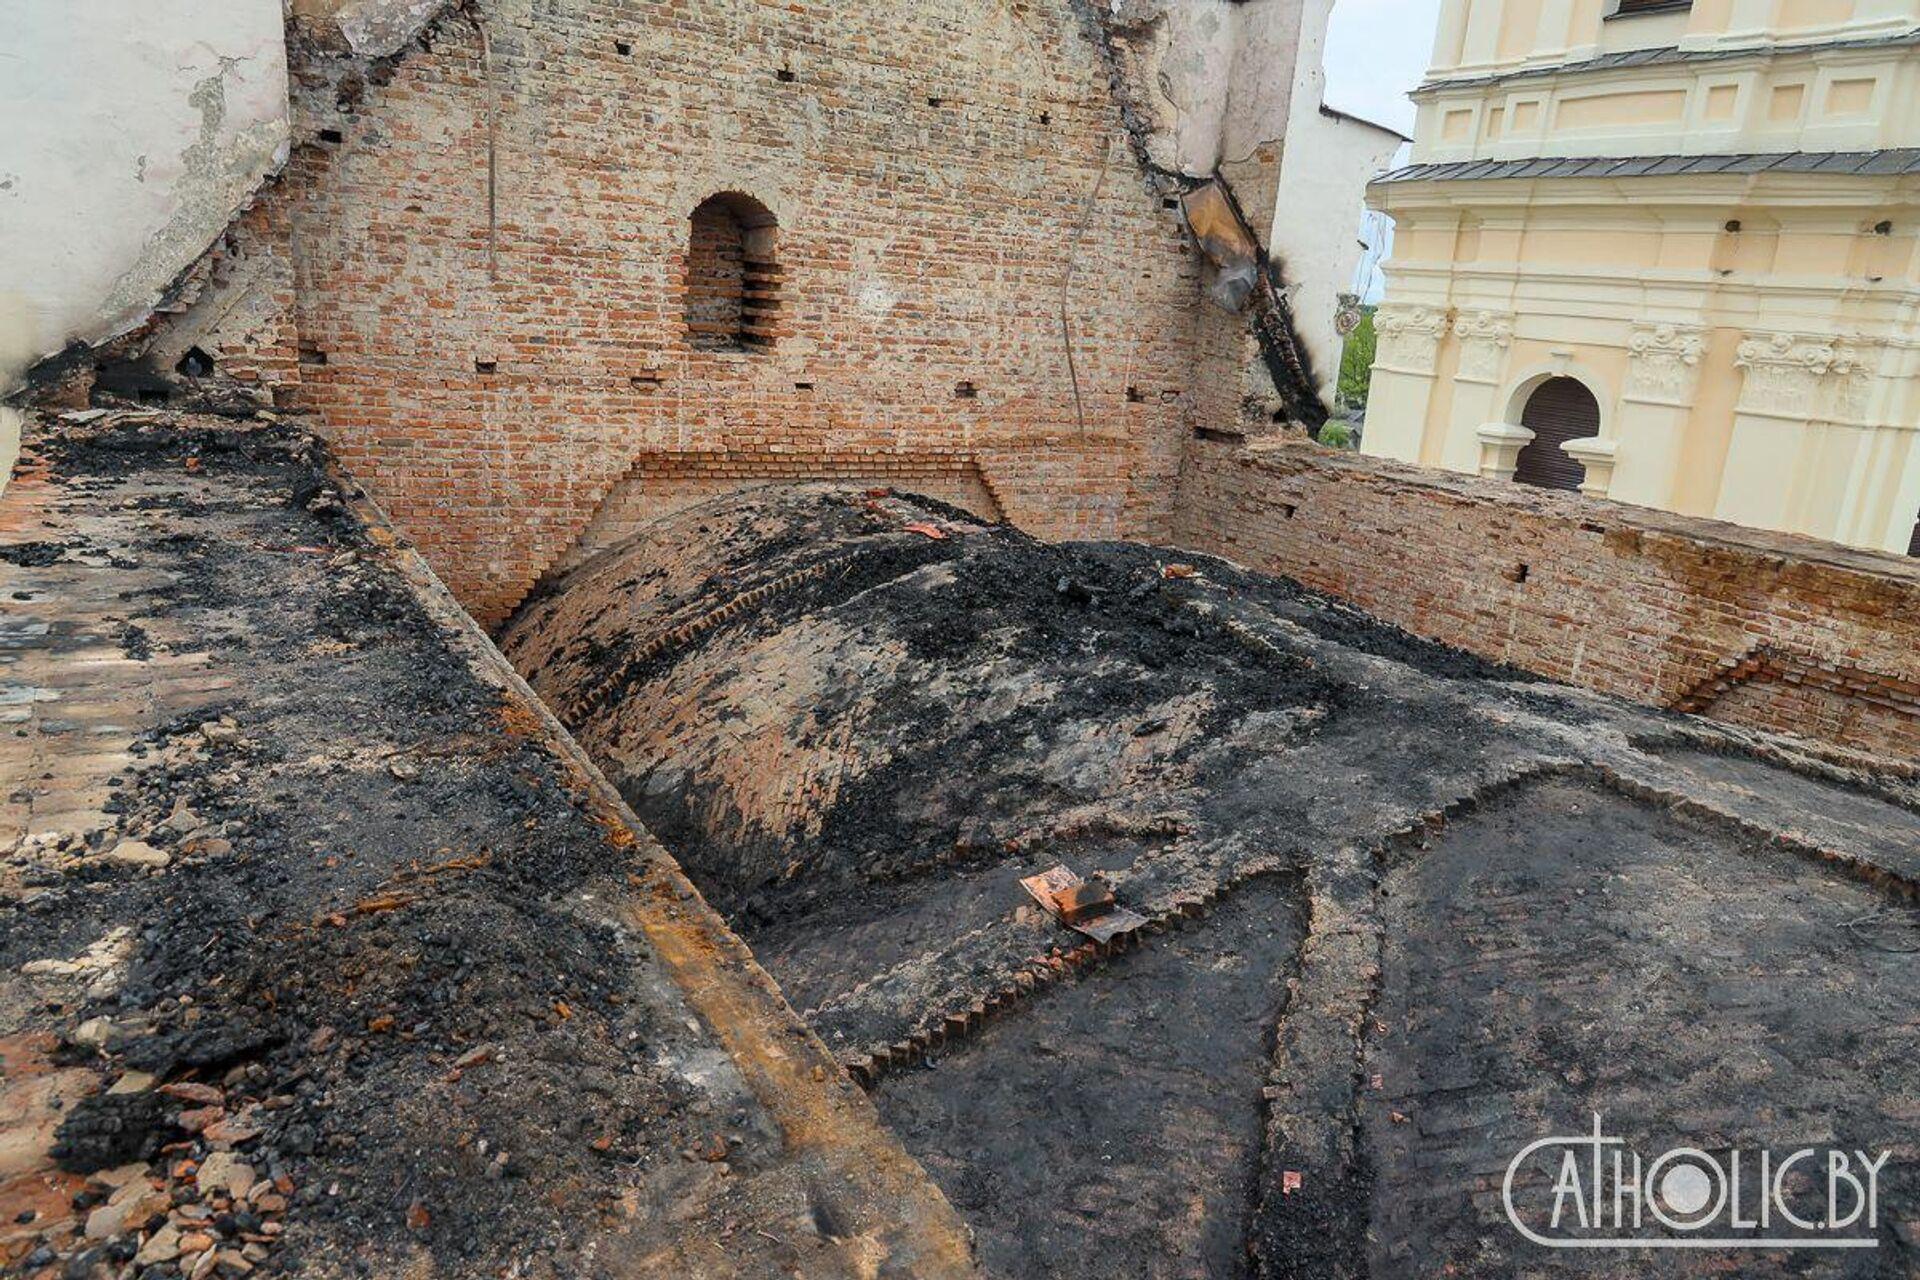 Пожар в Будславском костеле произошел больше двух месяцев назад, 11 мая - Sputnik Беларусь, 1920, 23.07.2021